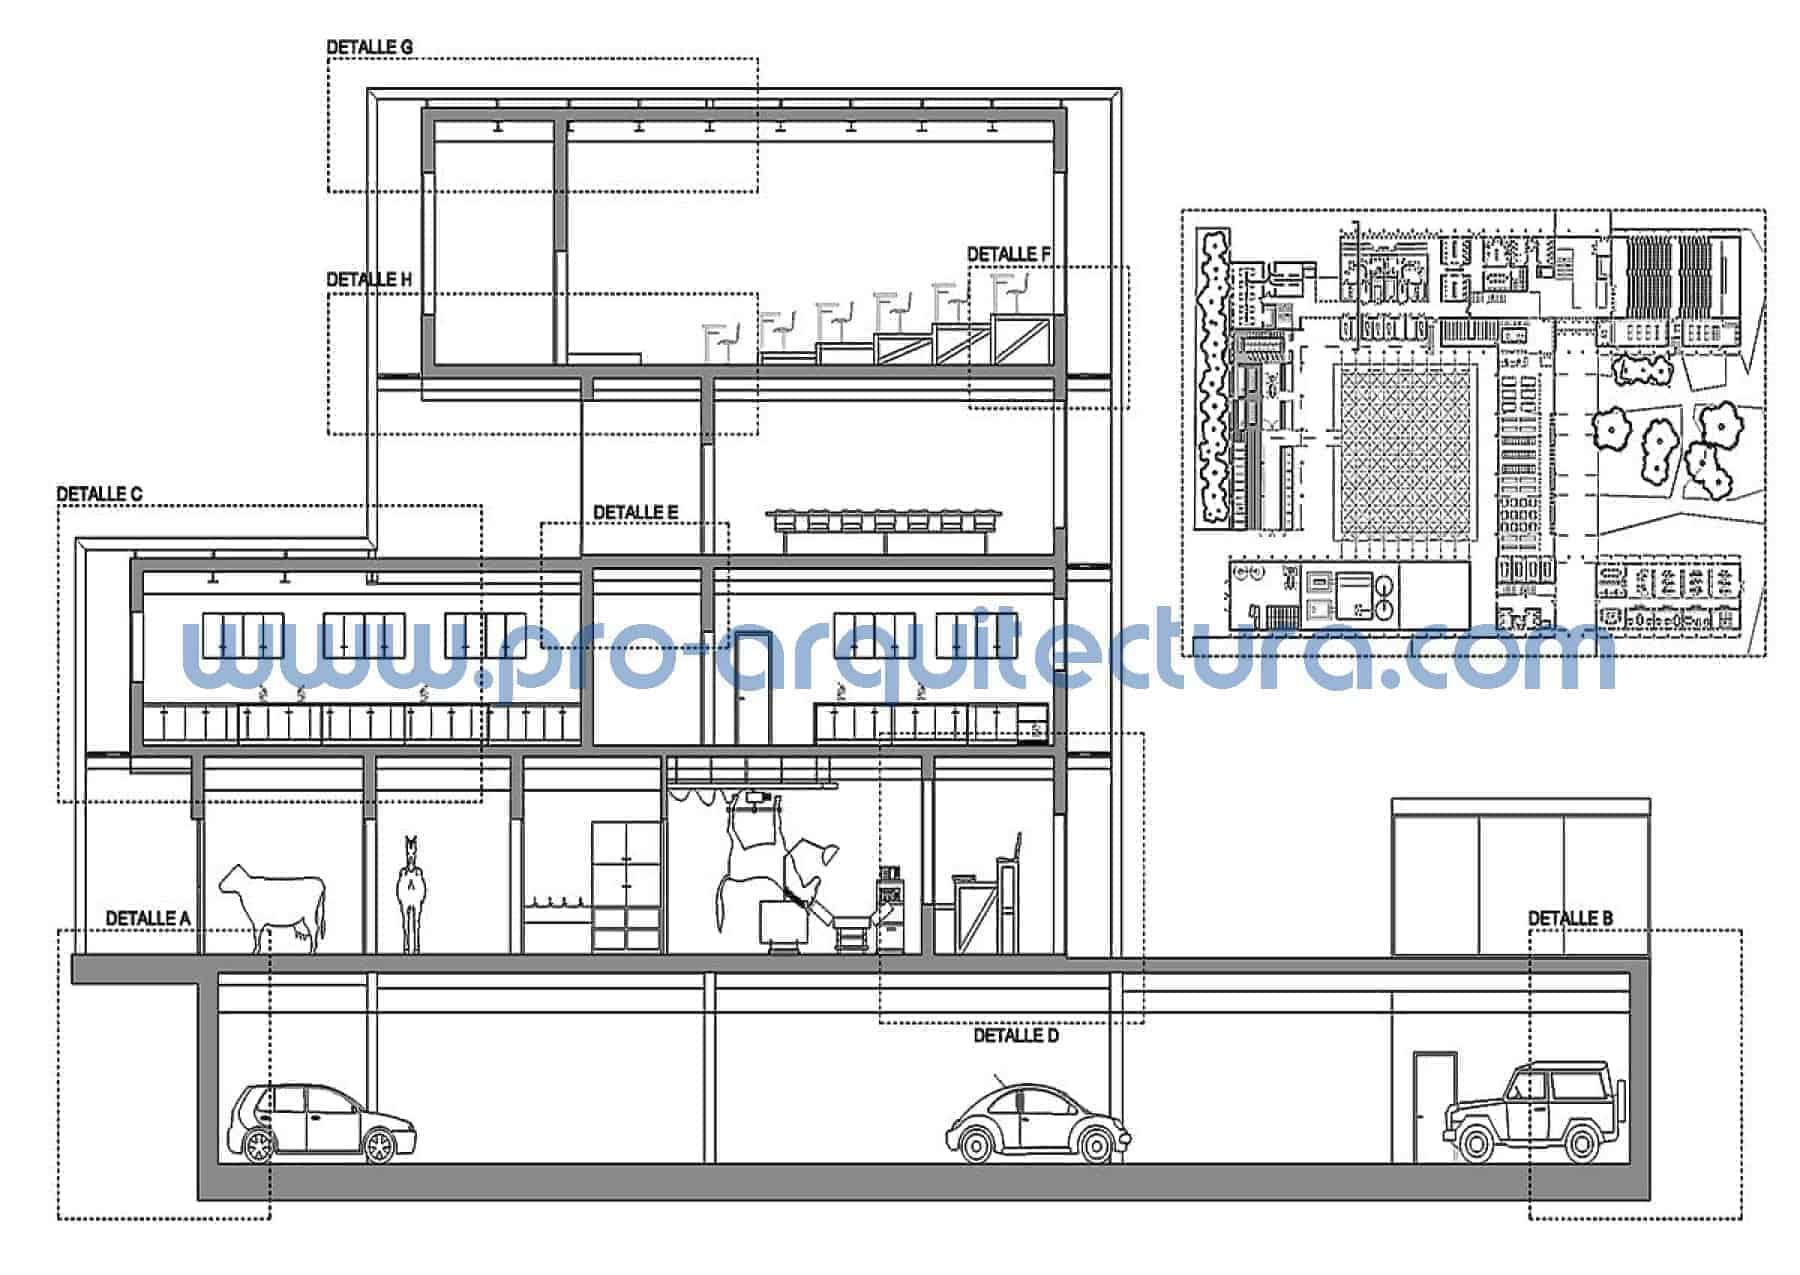 0048-01 FFacultad de veterinaria - Sección y detalles constructivos - Ayuda con la entrega del pfc pfg tfg tfm de arquitectura.